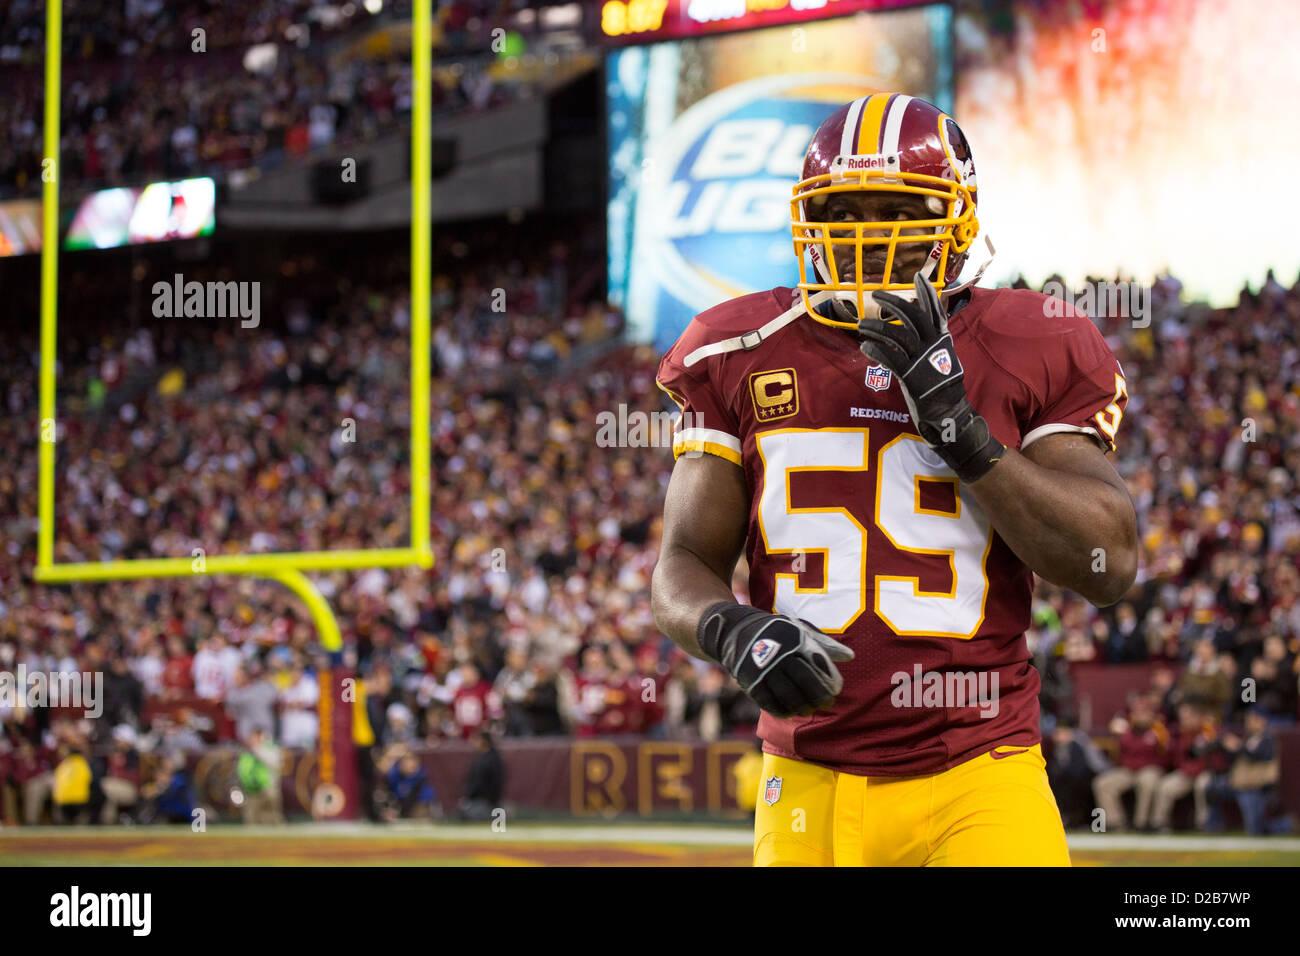 6 janvier 2013, Washington Redskins, London Fletcher (59) promenades hors de la ligne de touche après arrêt Photo Stock